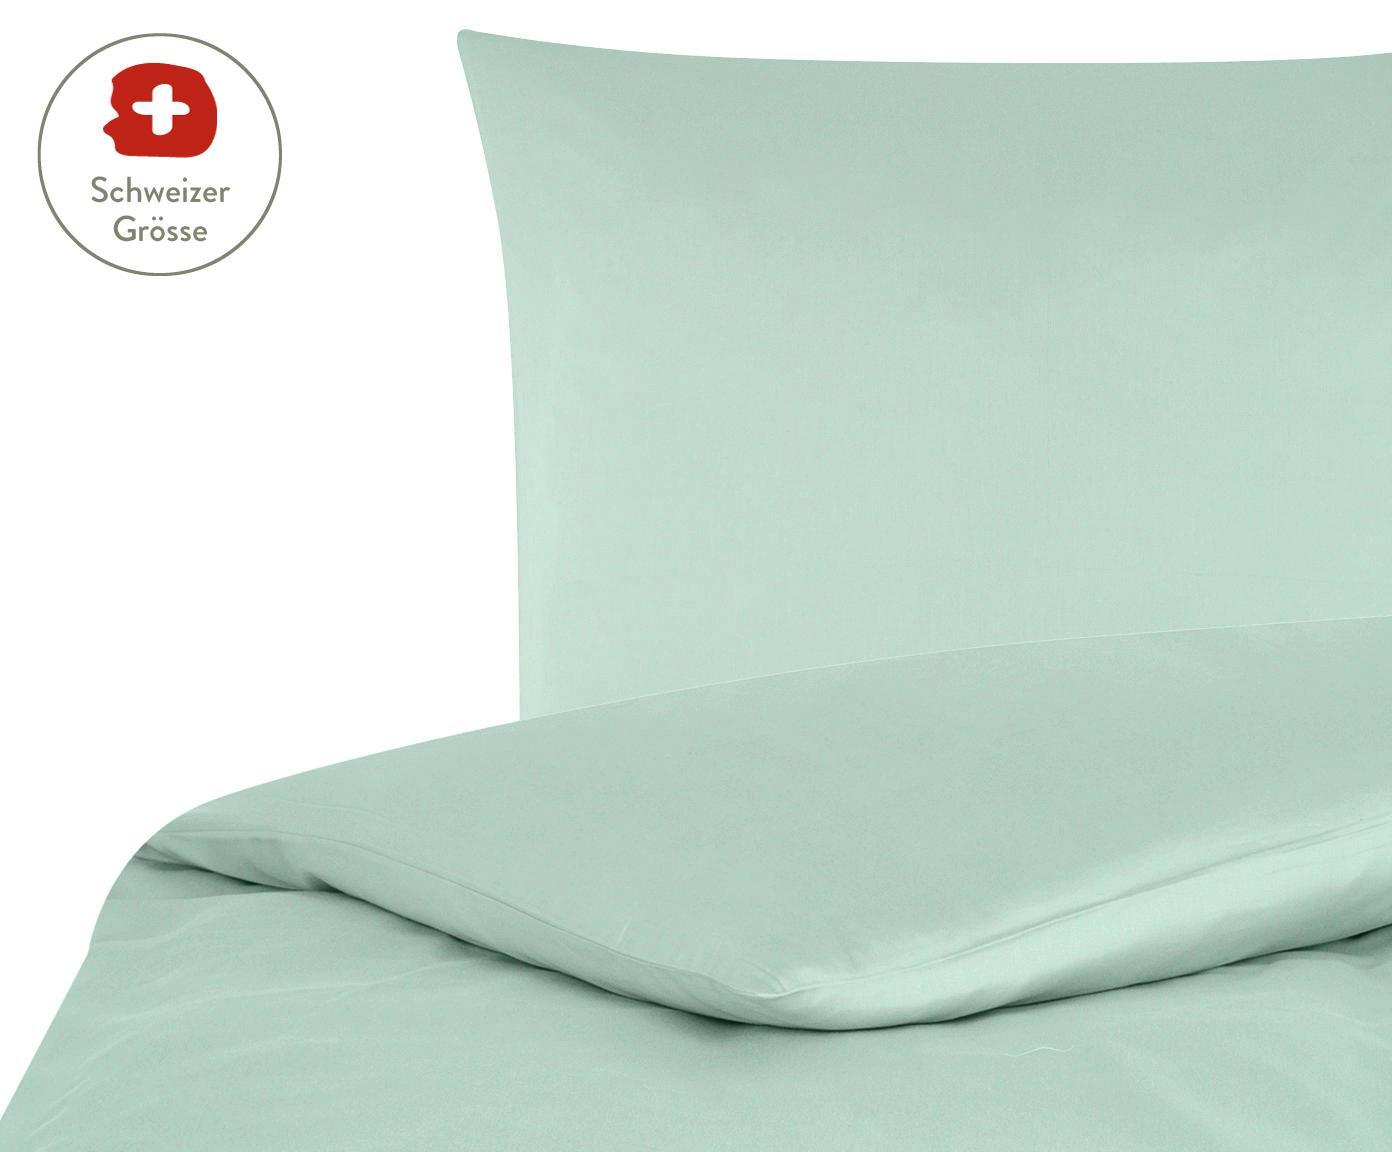 Baumwollsatin-Bettdeckenbezug Comfort in Salbeigrün, Webart: Satin, leicht glänzend, Salbeigrün, 160 x 210 cm